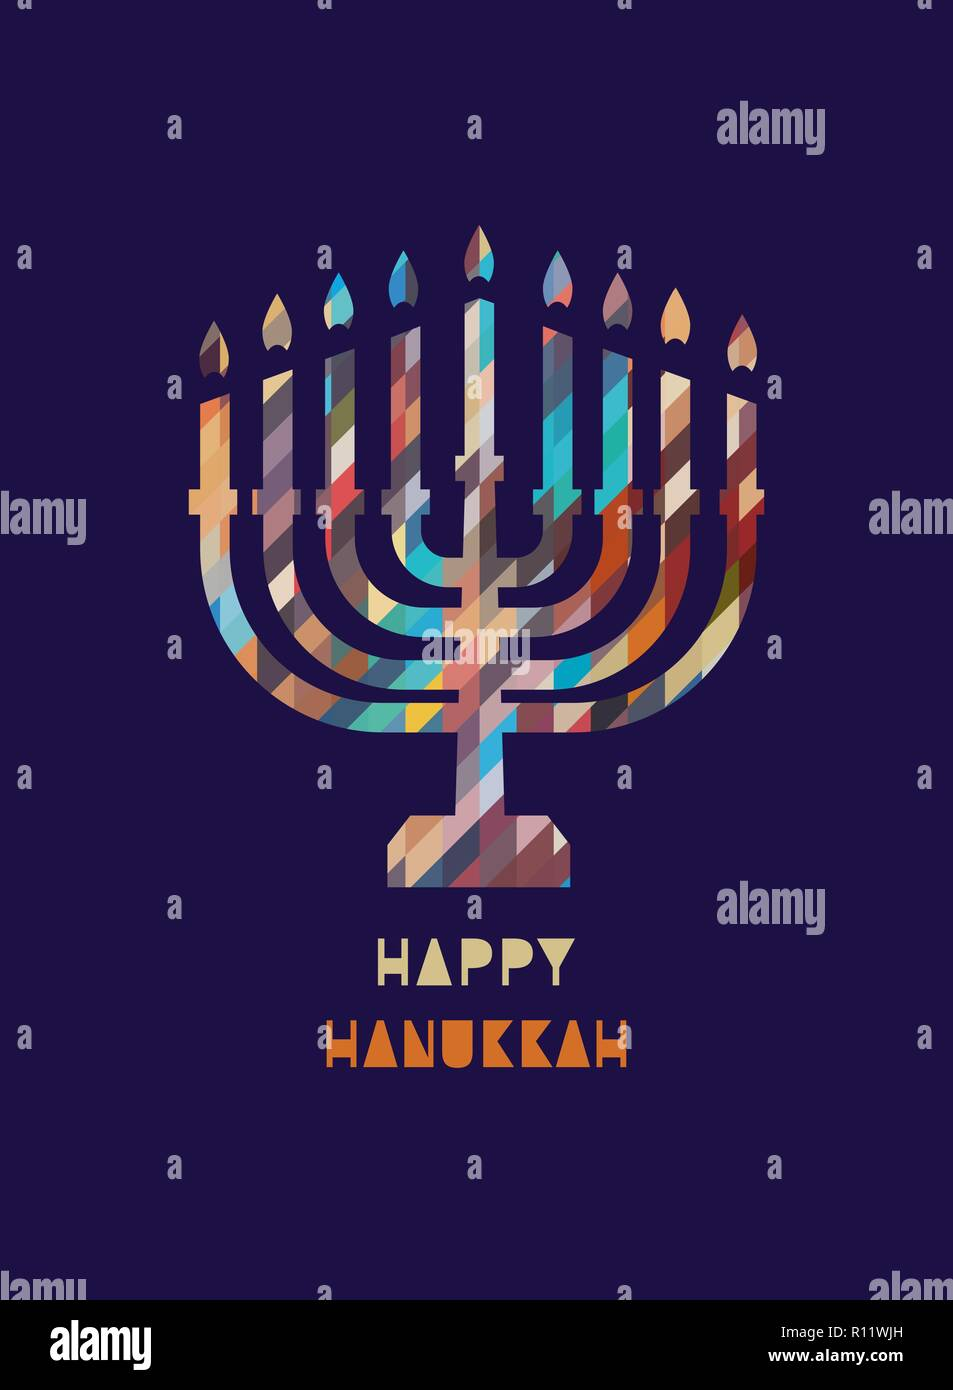 Happy Hanukkah holiday Stock Vector